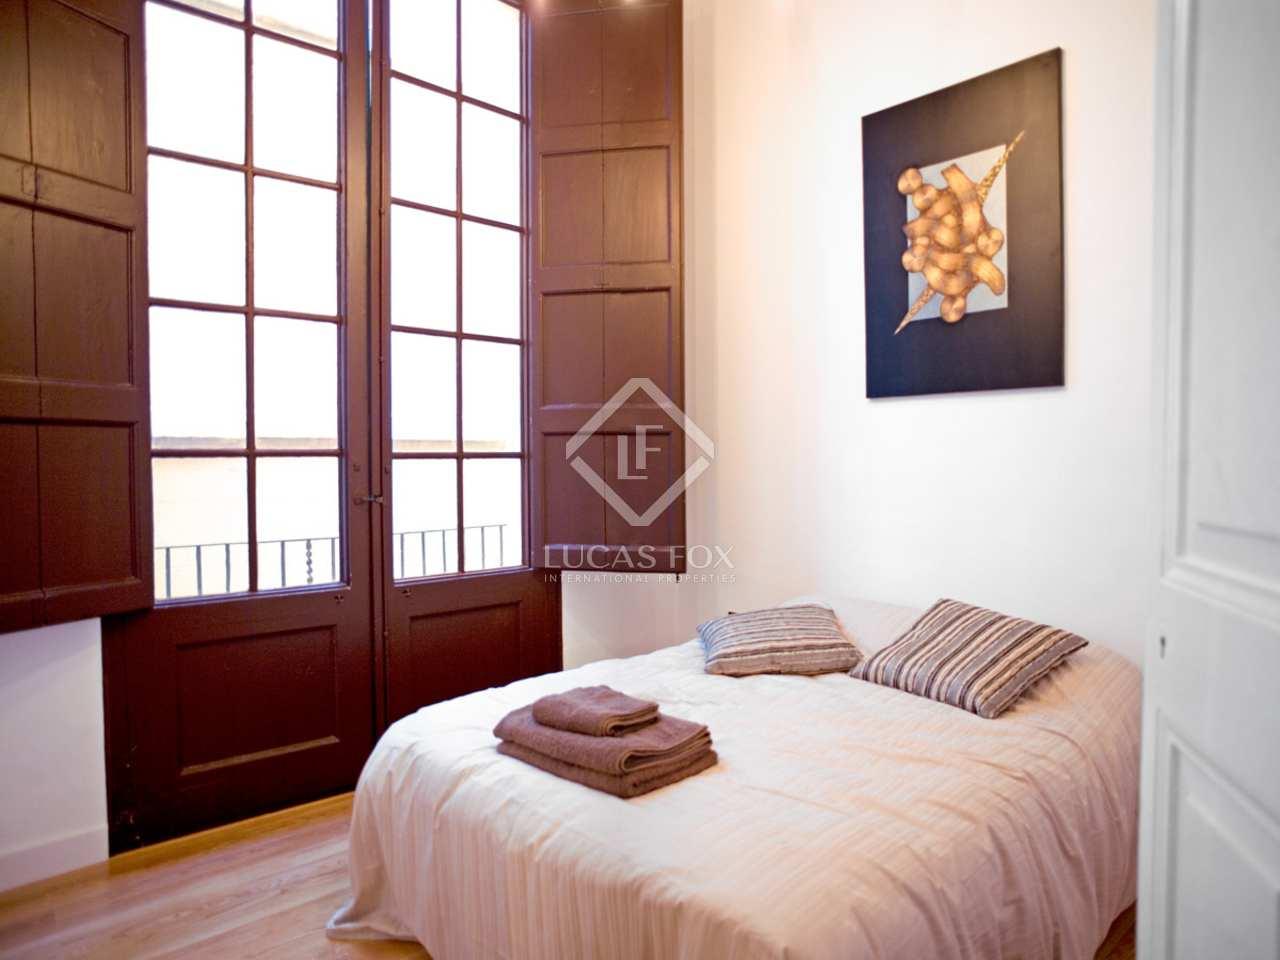 Appartement en vente dans le quartier du born - Acheter appartement a barcelone ...